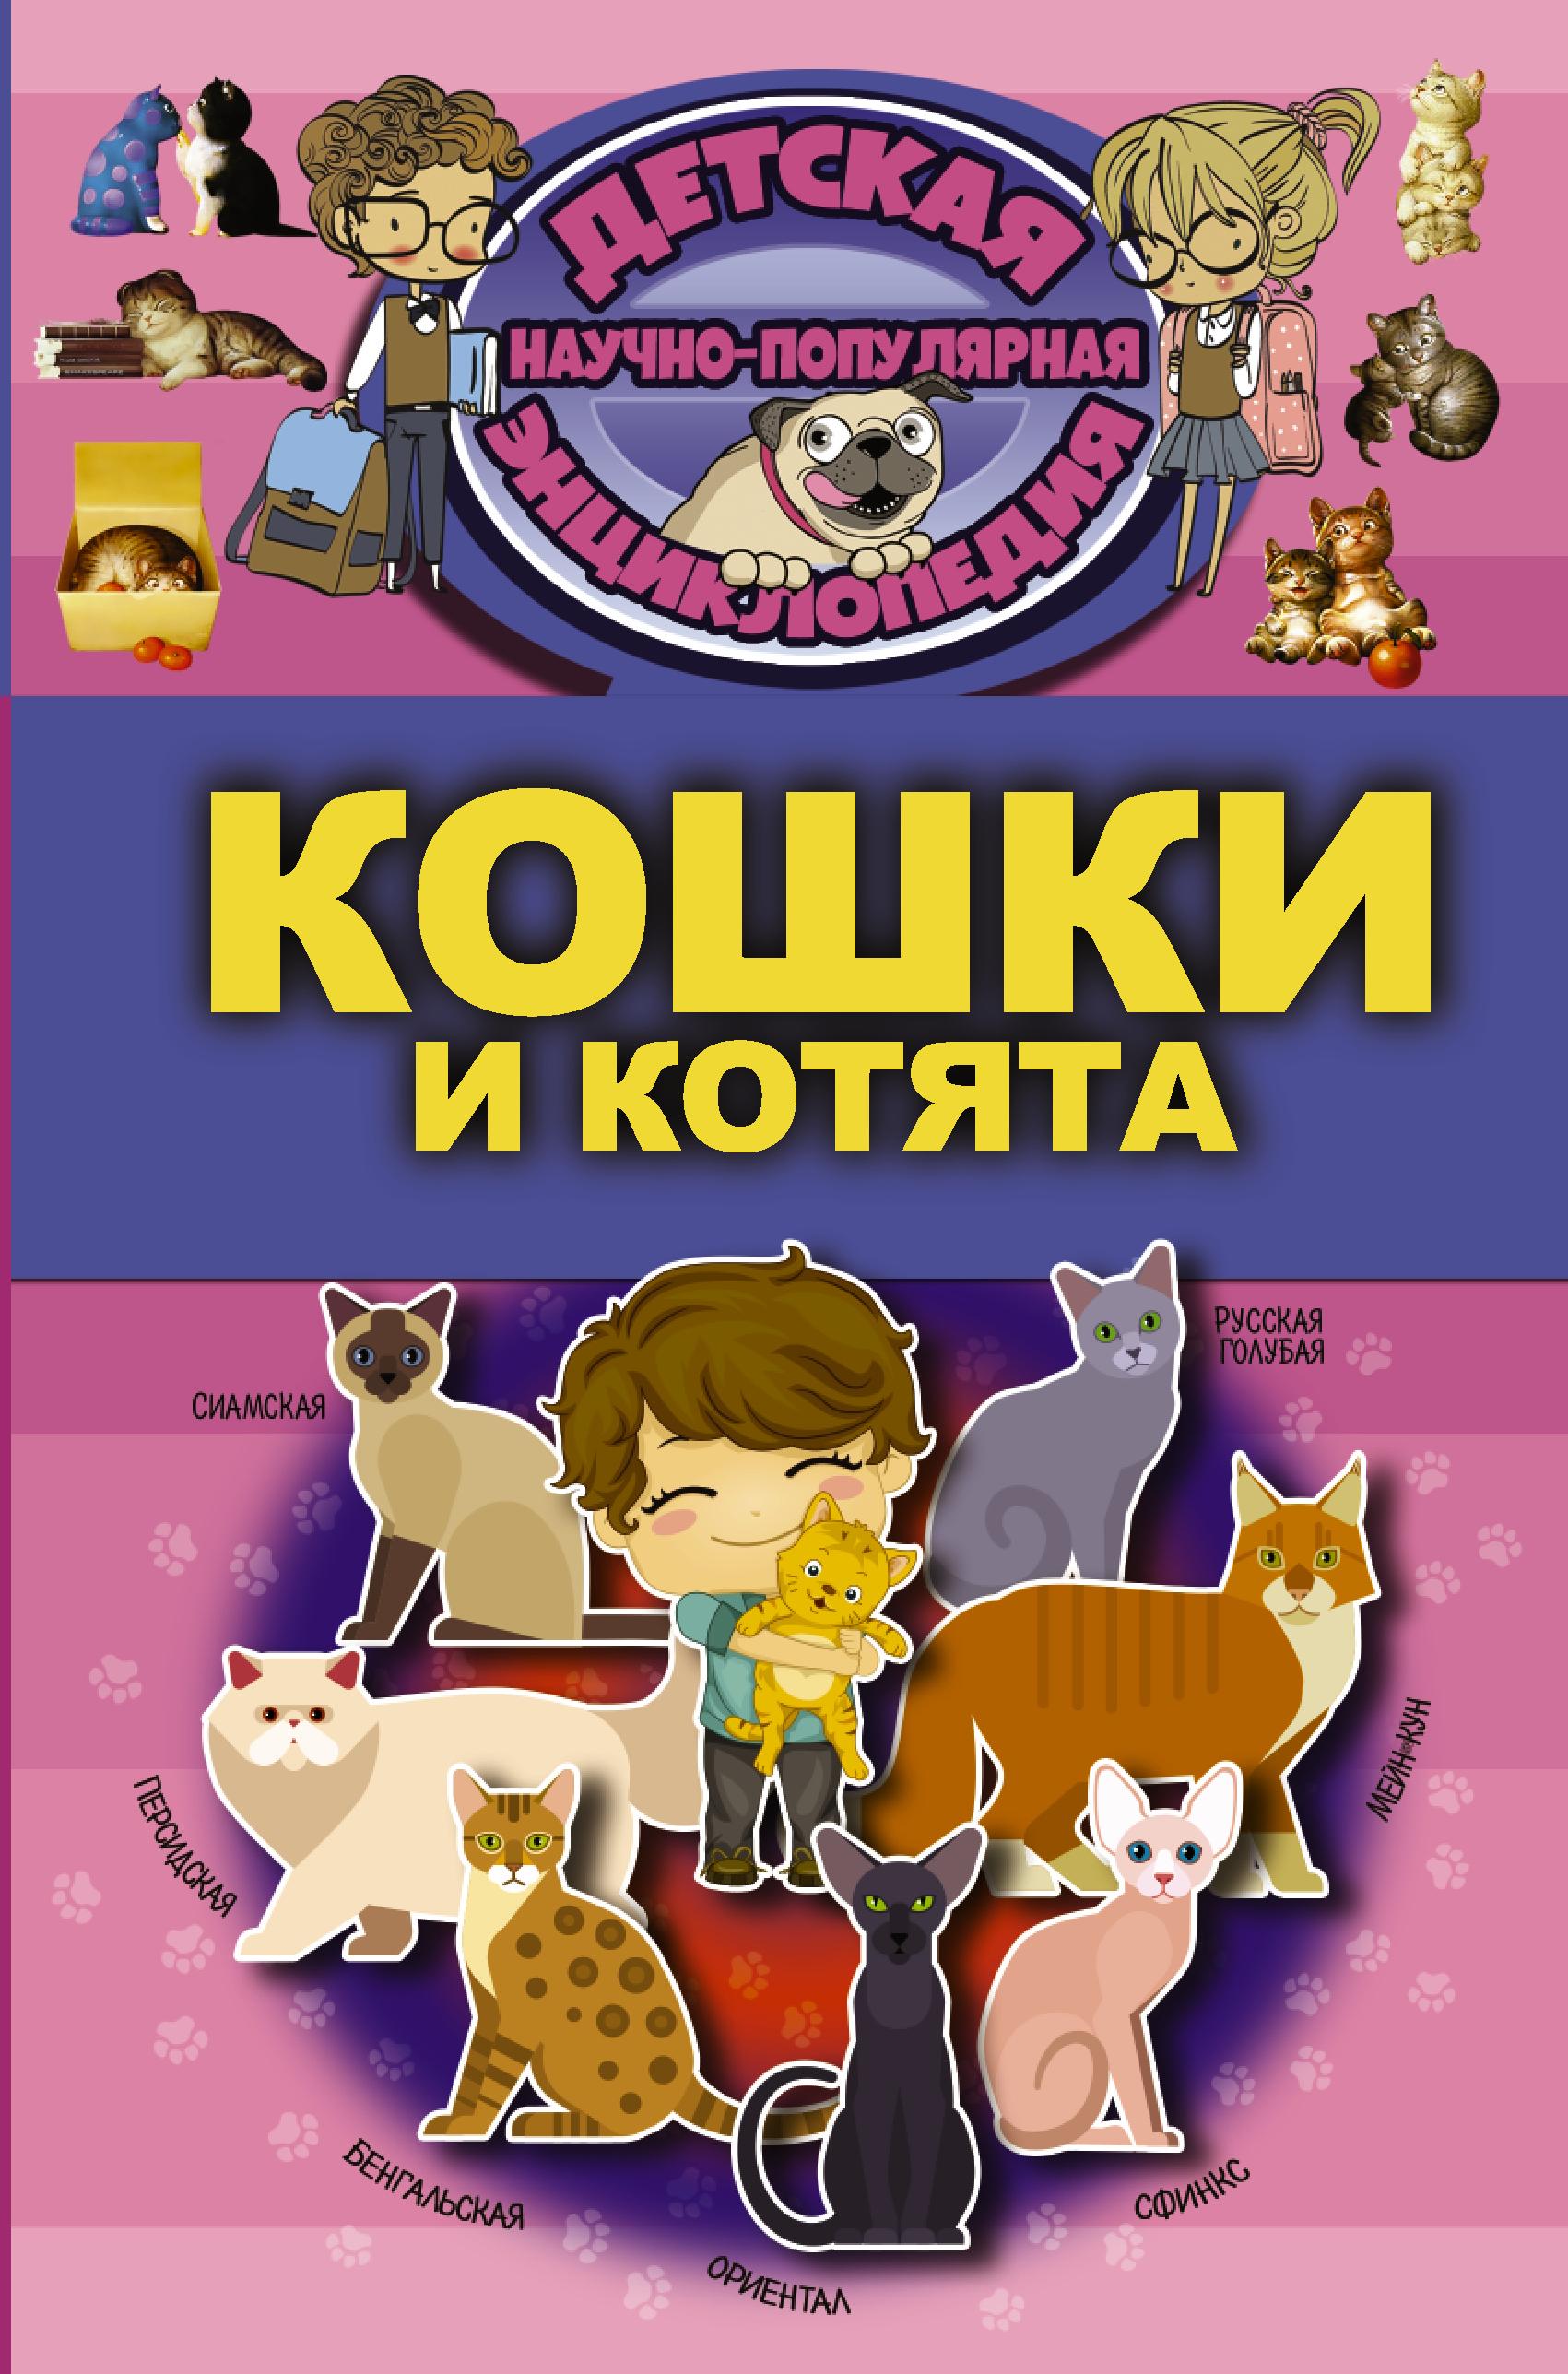 . Кошки и котята как купить собаку в новосибирске породы ризеншнауцер без документов